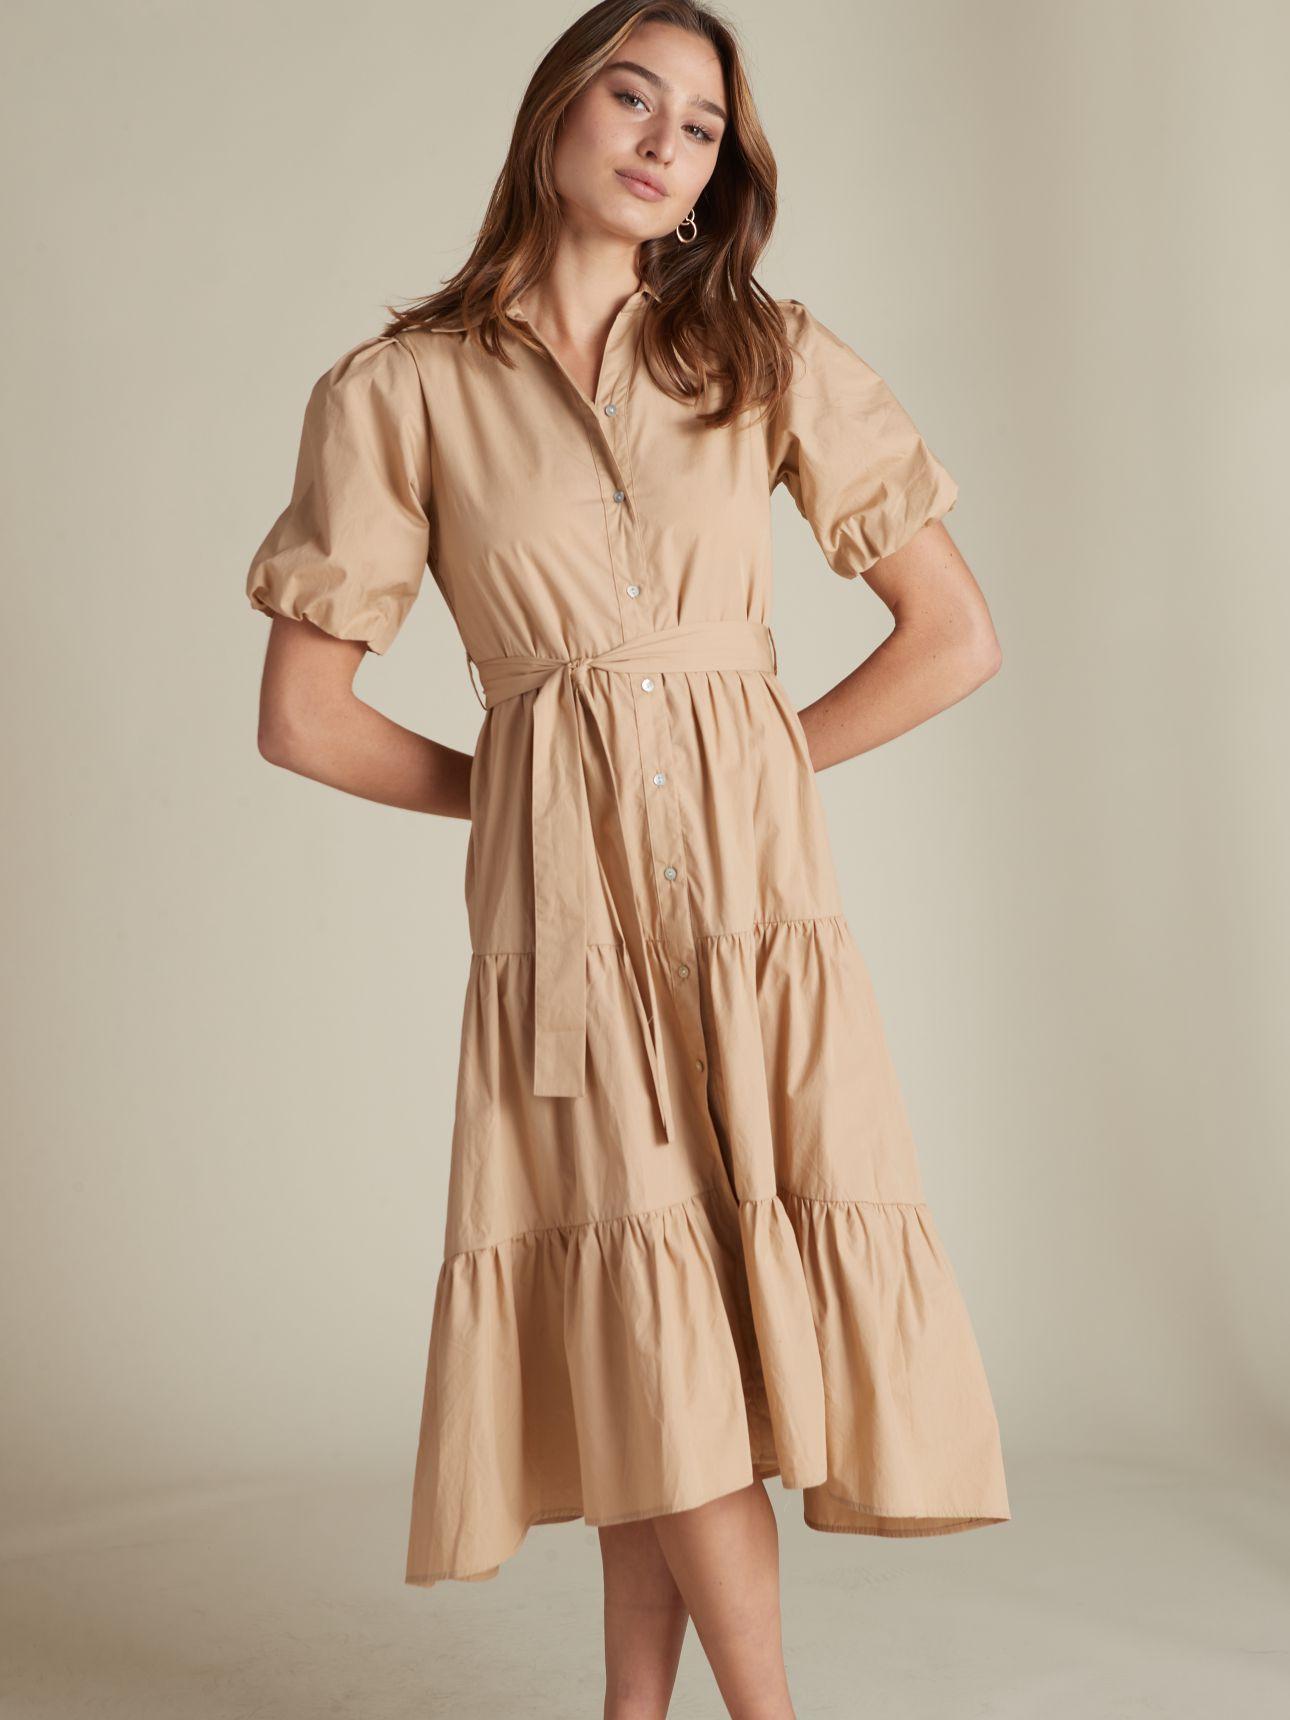 שמלת מידי שרוולים נפוחים